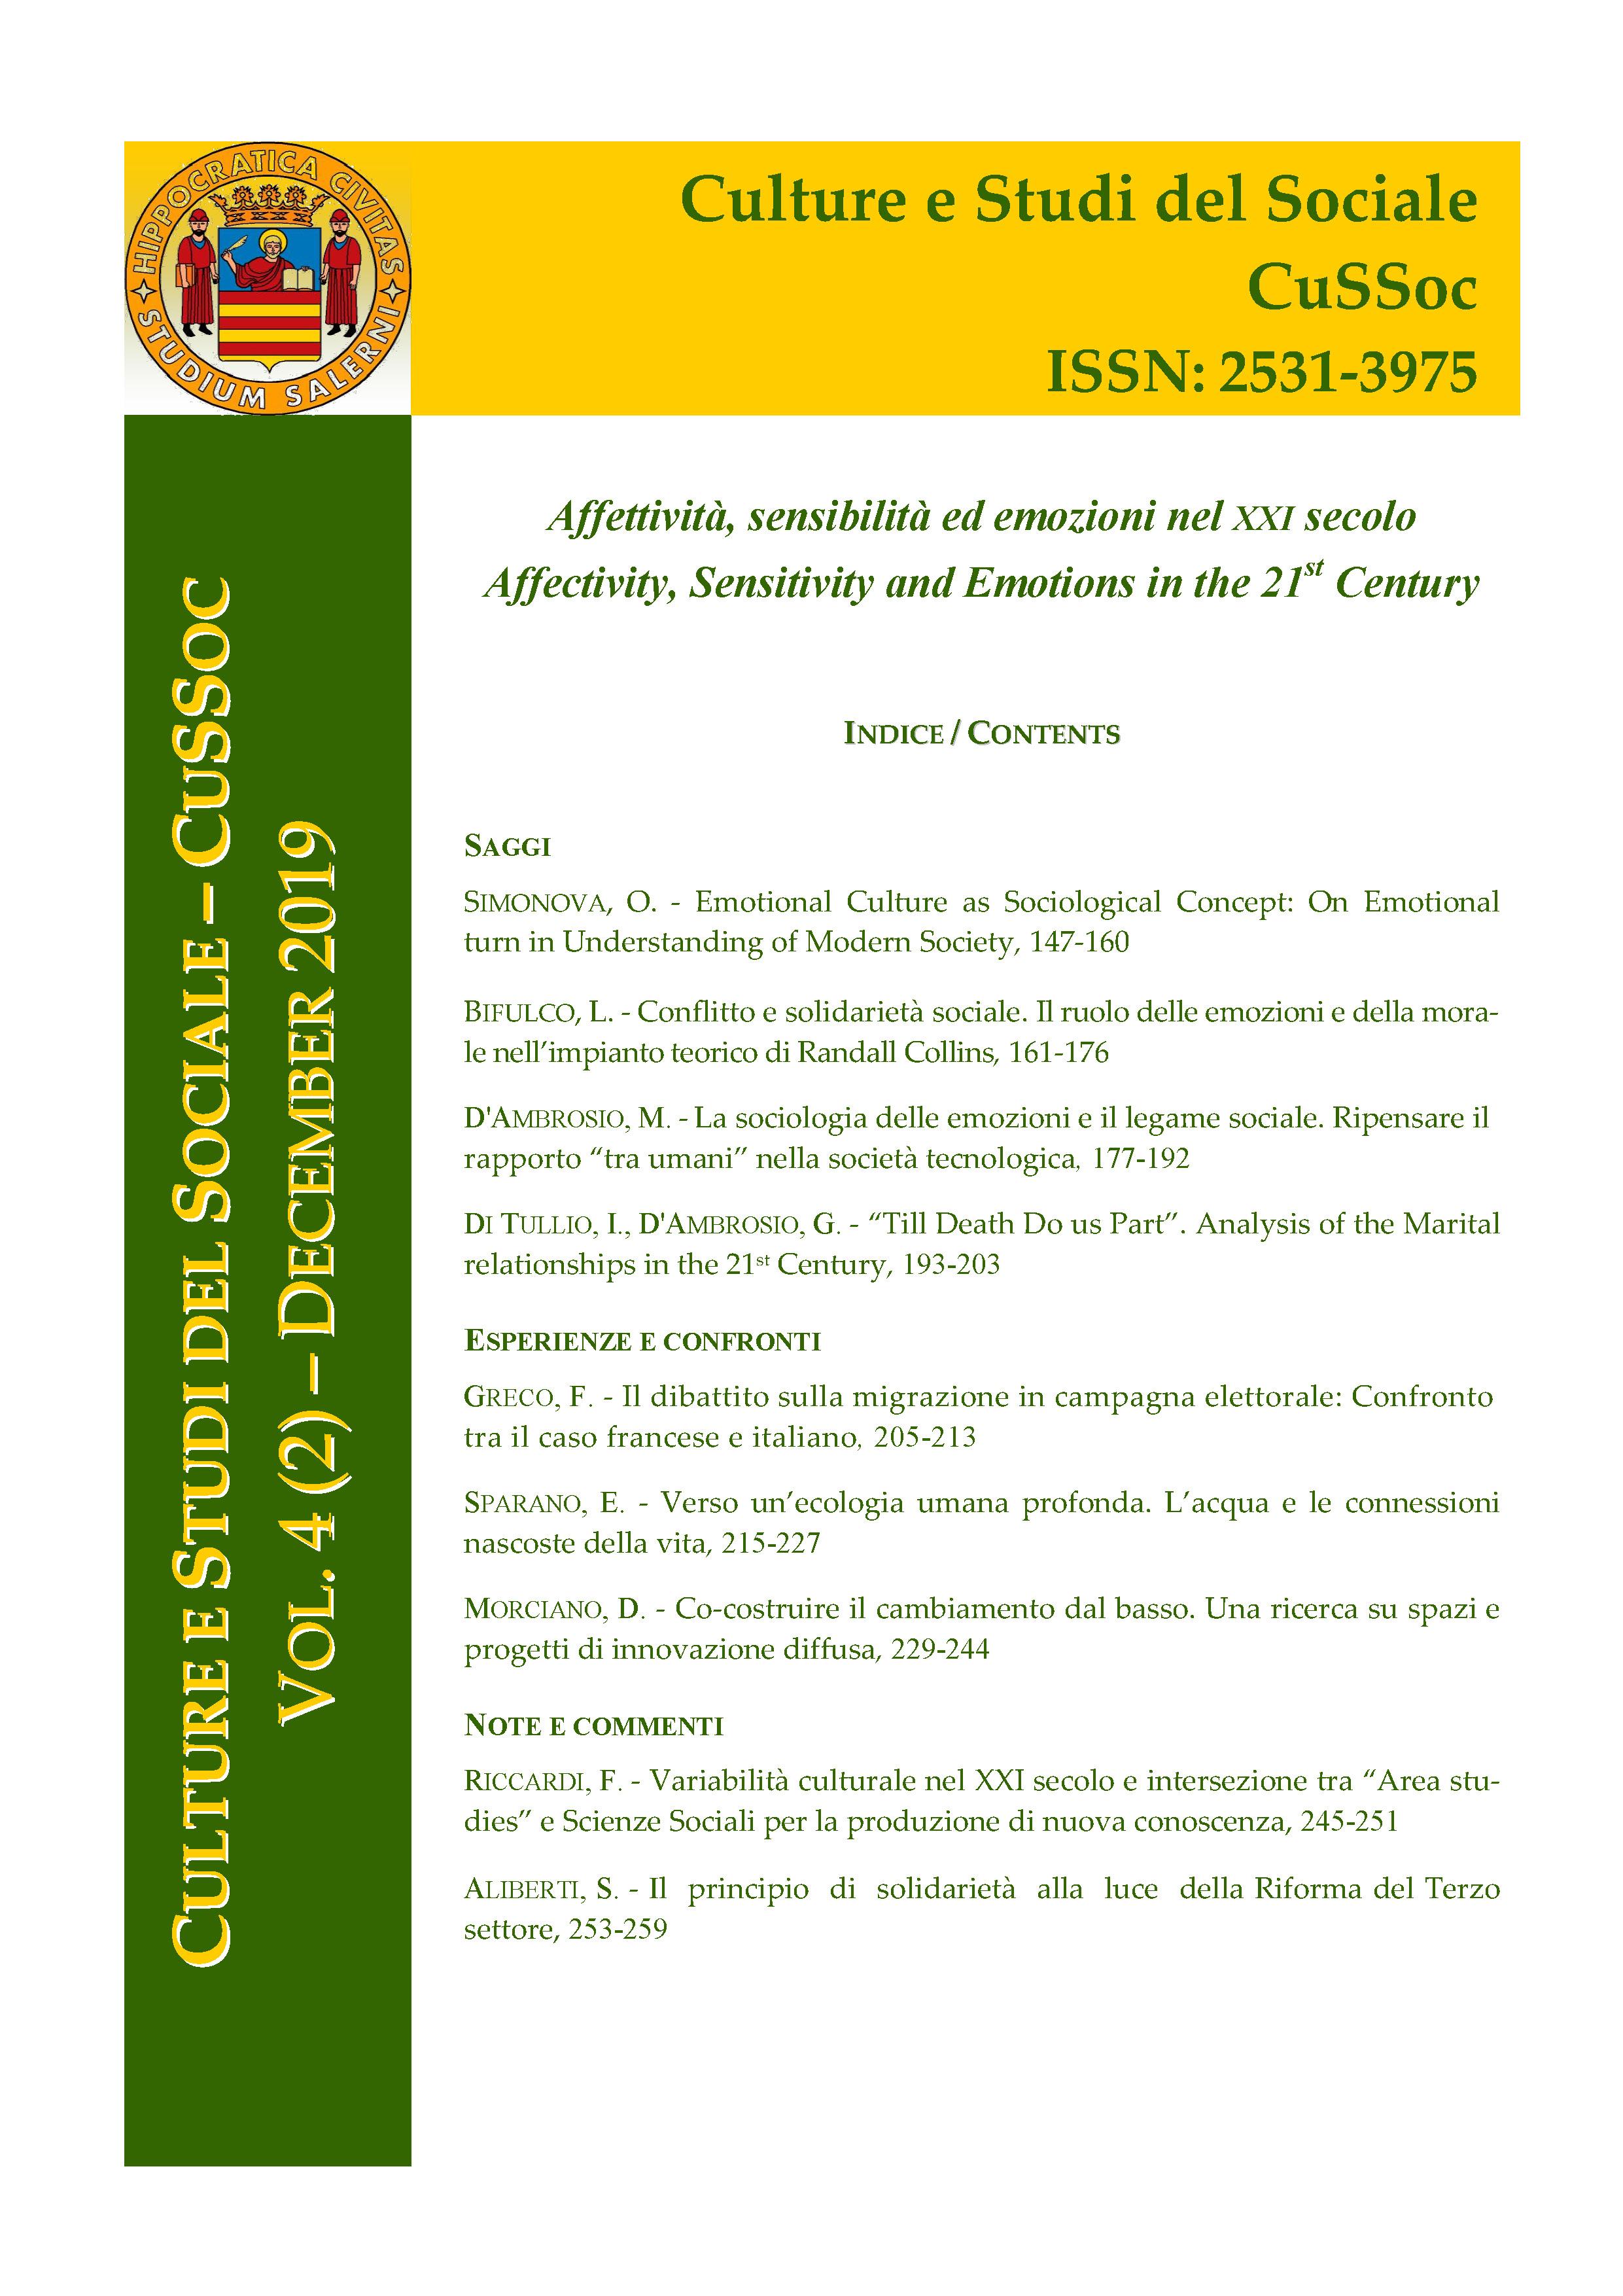 View Vol. 4 No. 2 (2019): Affettività, sensibilità ed emozioni nel XXI secolo / Affectivity, Sensitivity and Emotions in the 21st Century